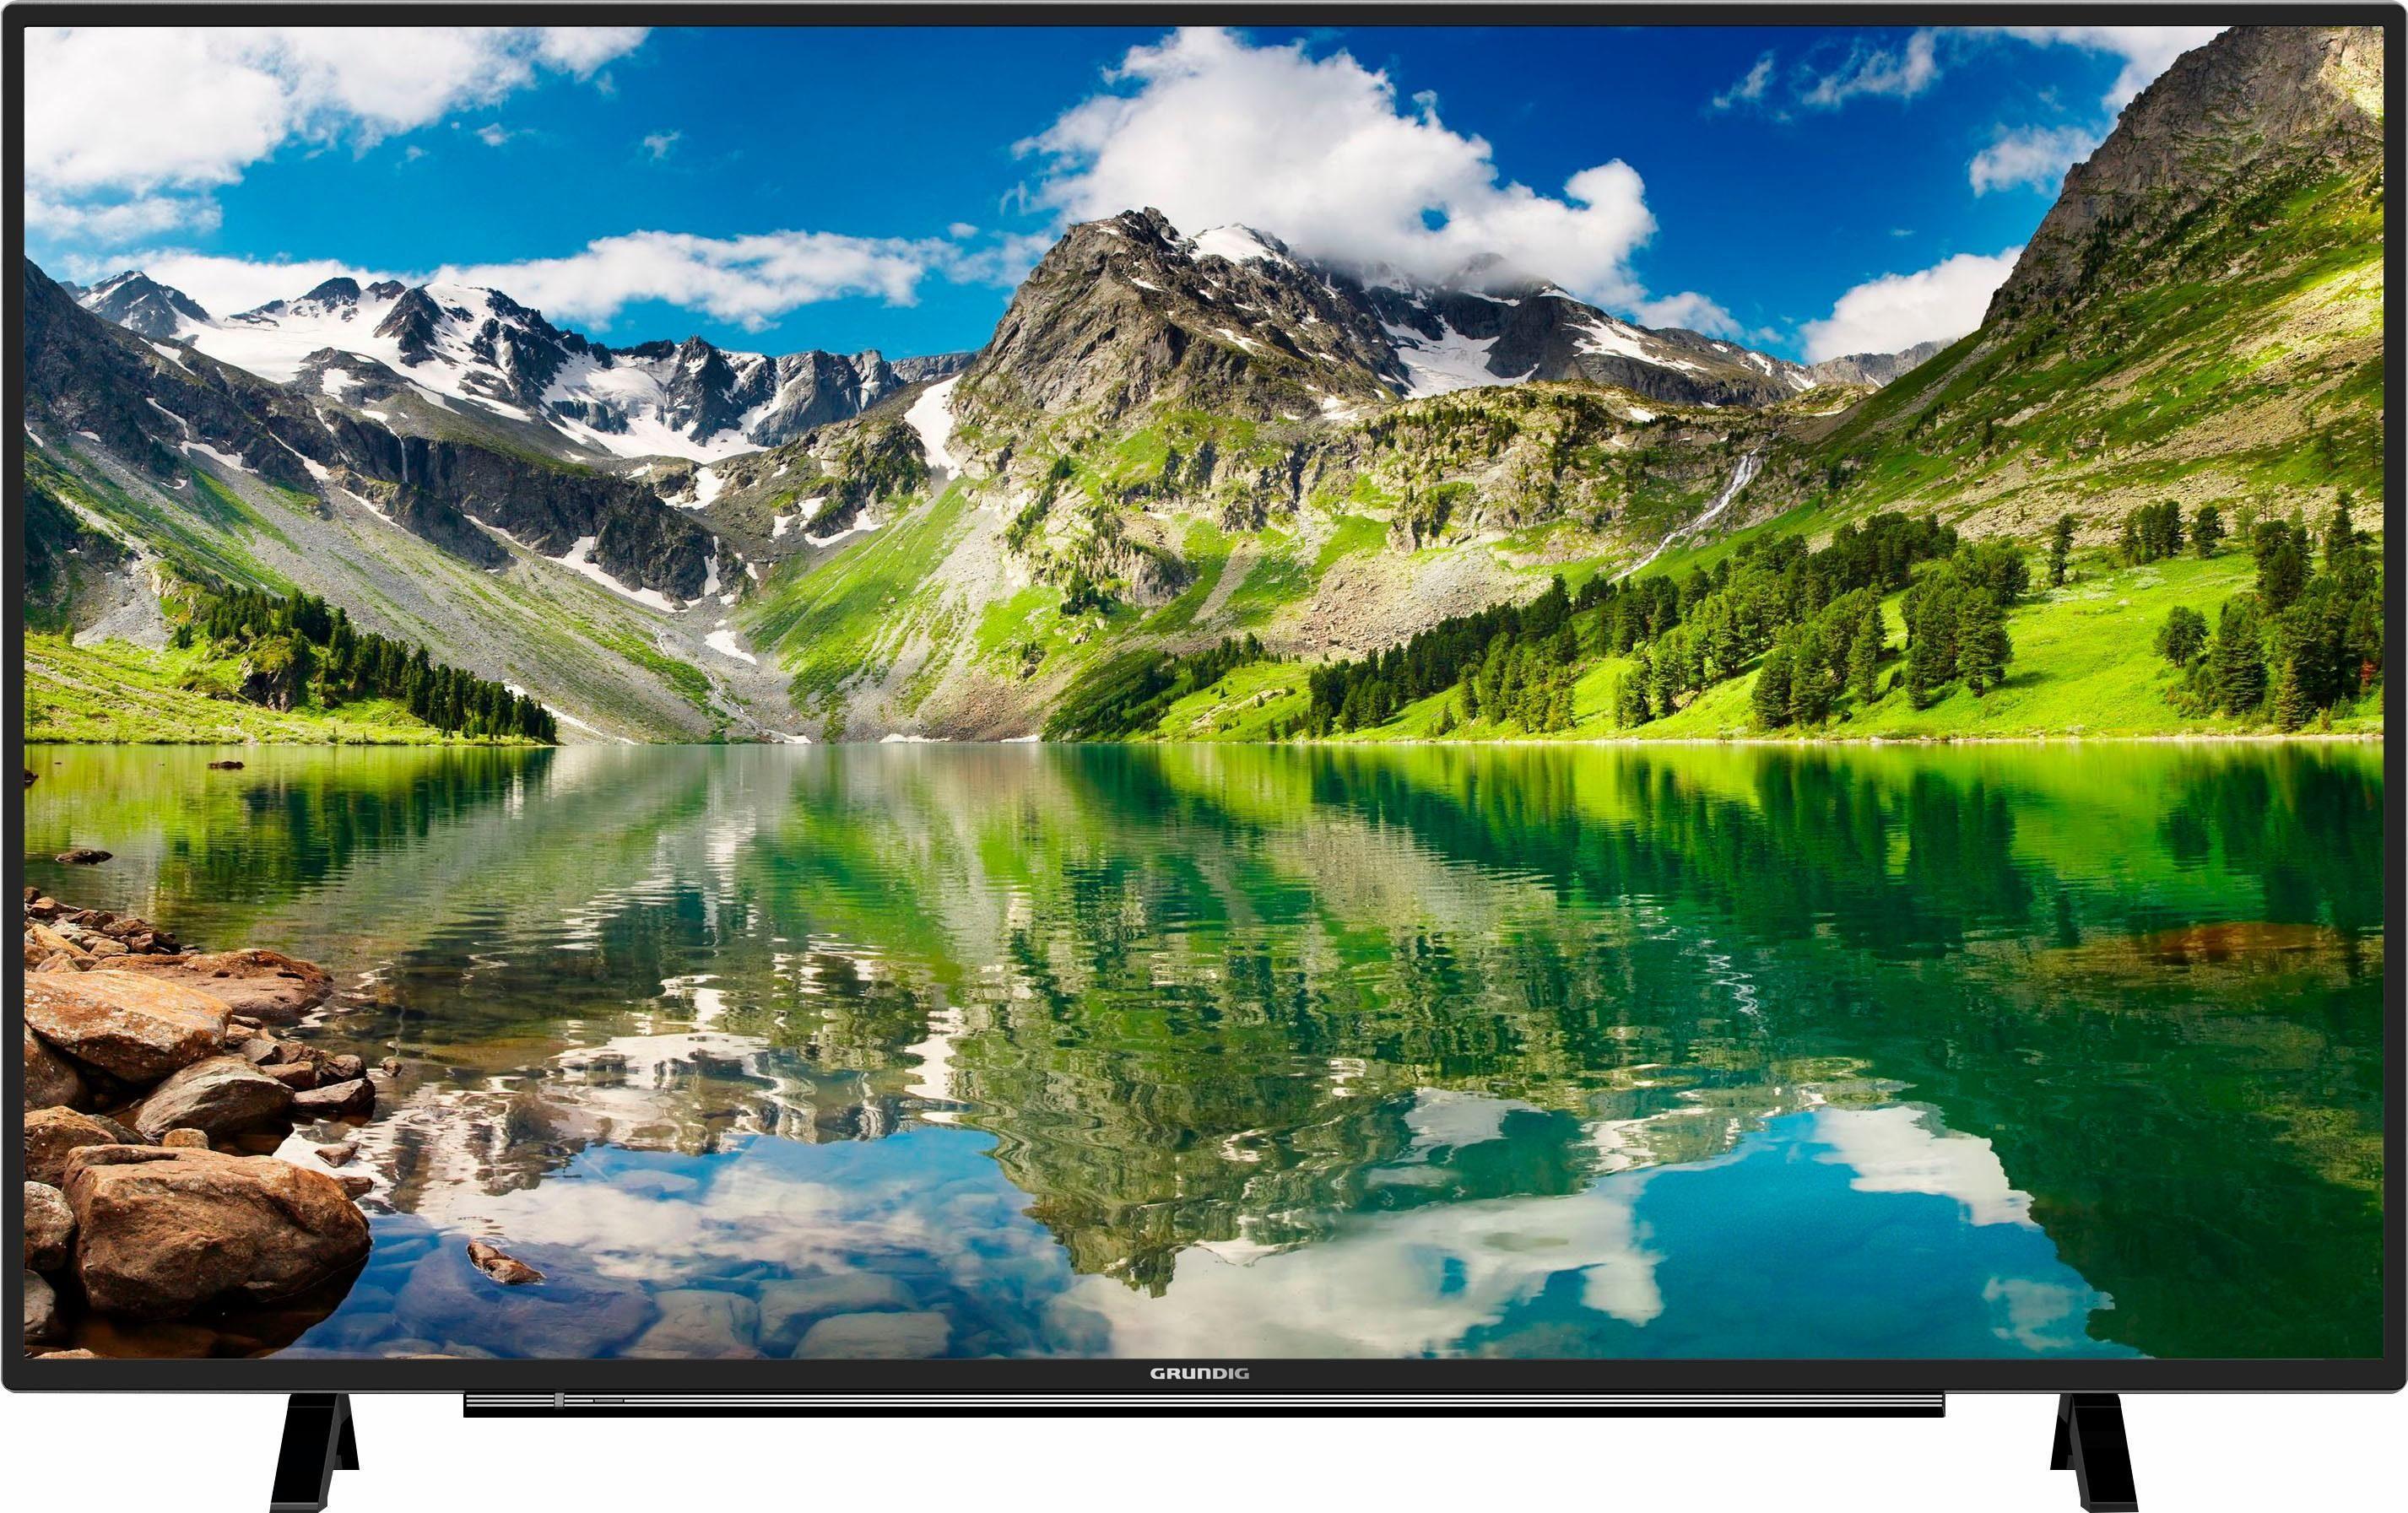 Grundig 49 VLX 7000 BP LED Fernseher (123 cm/49 Zoll, UHD/4k, Smart-TV) inkl. 36 Monate Garantie